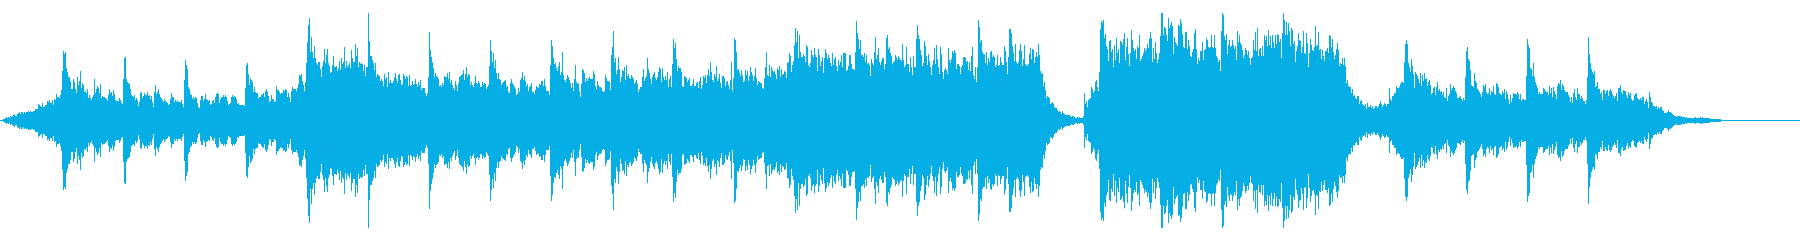 ハリウッド映画風の壮大なオーケストラ6Cの再生済みの波形